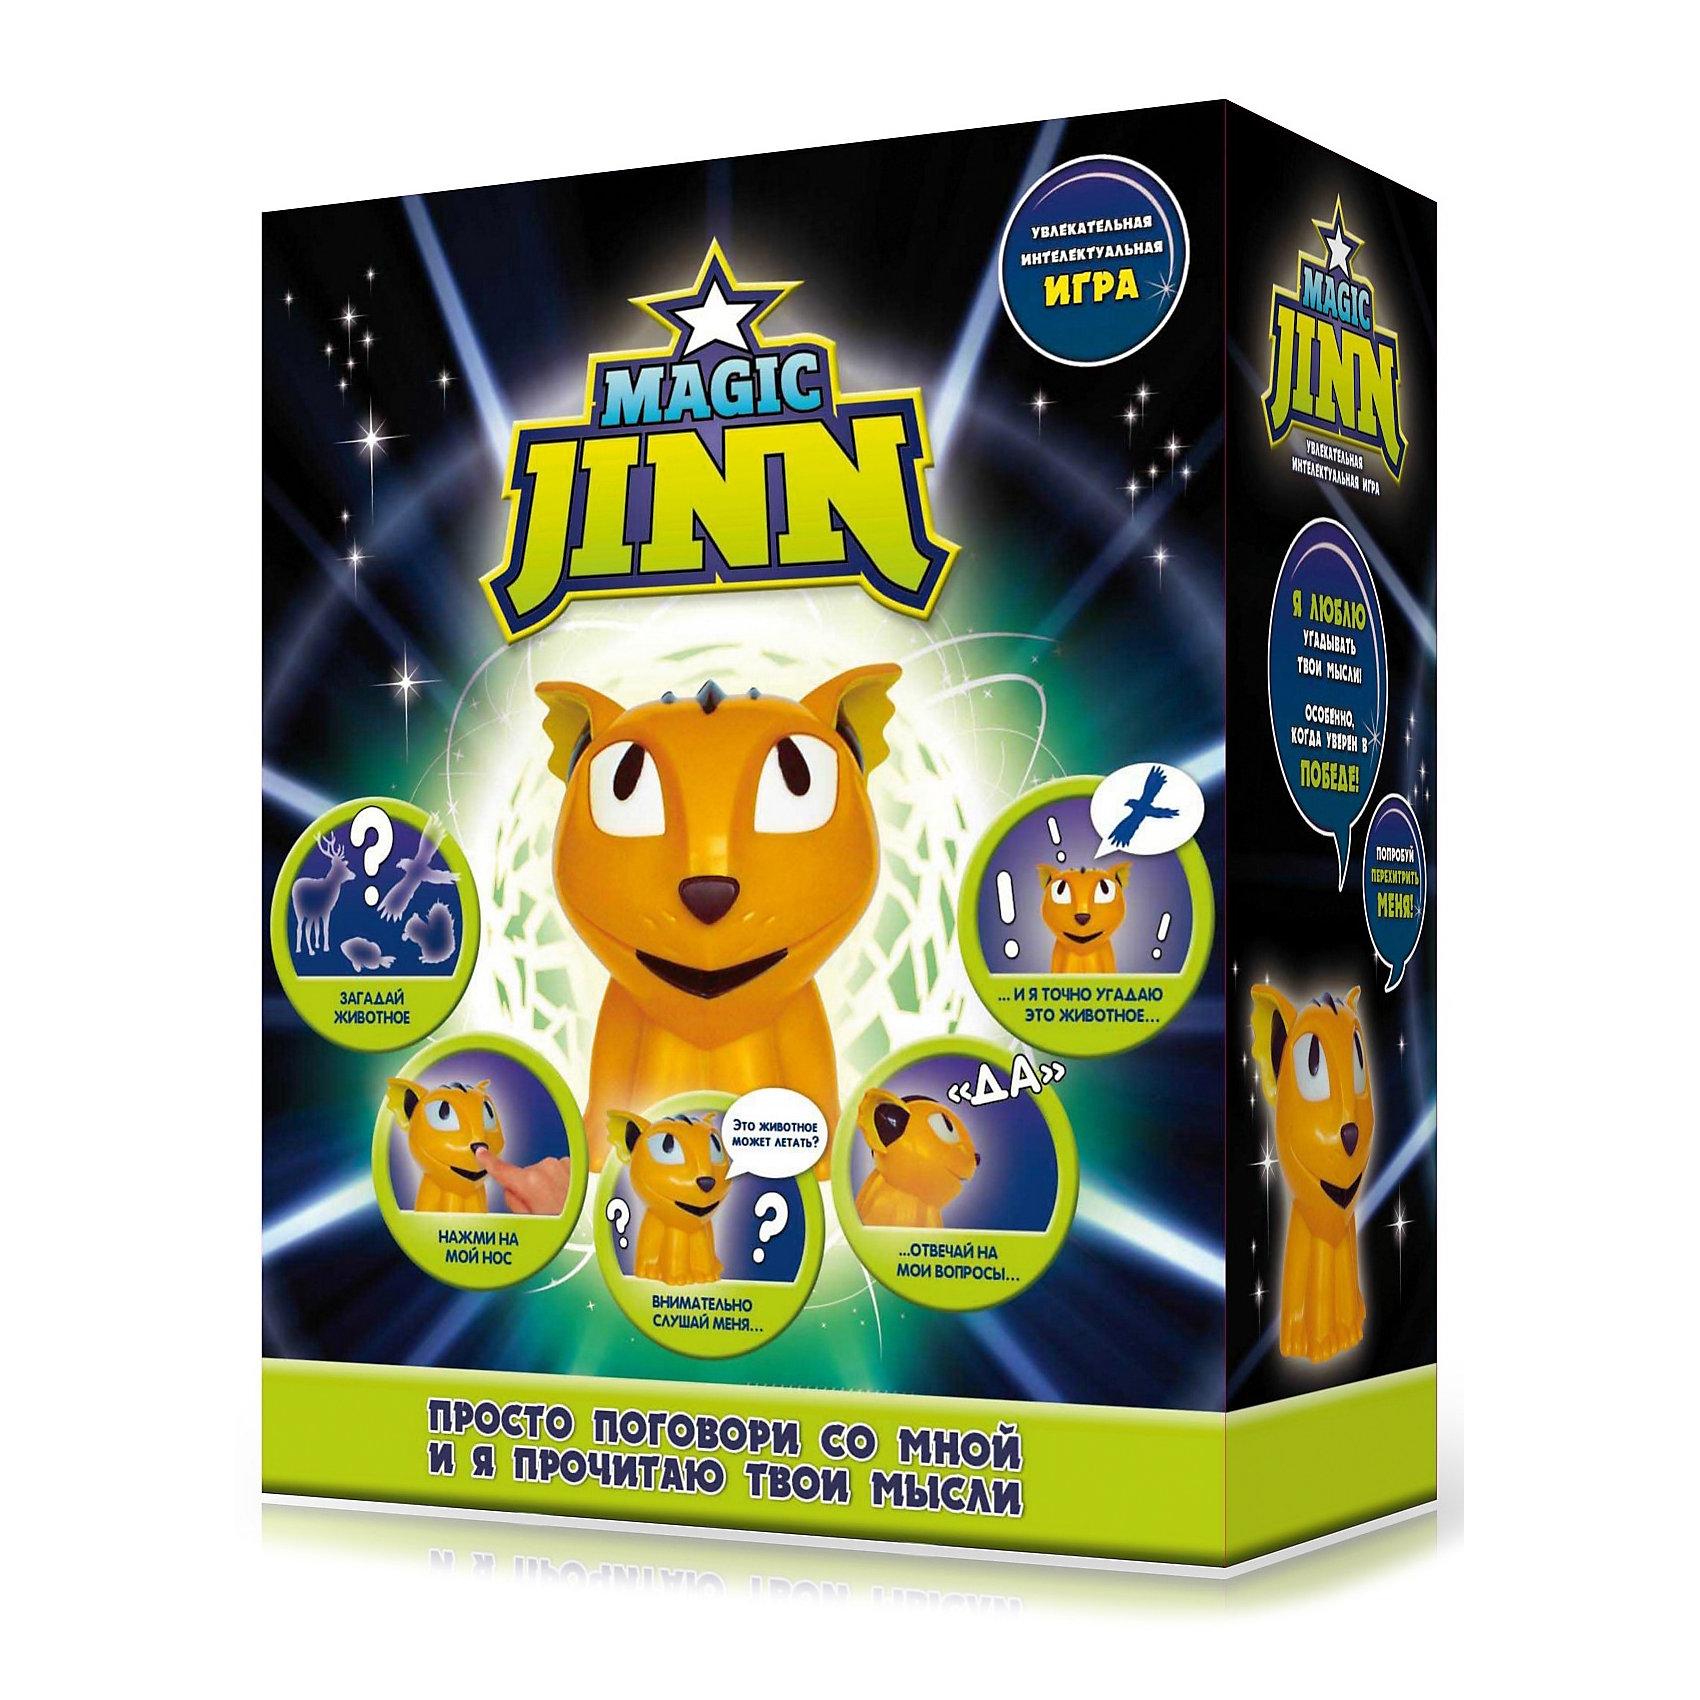 Интерактивная игрушка Джин Magic Jinn AnimalsИнтерактивные животные<br>Интерактивная игрушка Magic Jinn Animals -  волшебный джинн, который прочитает Ваши мысли и угадает название животного, которое вы загадали!<br><br>Благодаря ряду наводящих вопросов, джинн определит, о каком именно животном вы думаете. Задавая наводящие вопросы, например: Это животное может летать?, он будет пытаться угадать задуманное вами животное. Джин обязательно угадает животное, задав не больше двенадцати вопросов.<br>Отвечать на вопросы нужно только фразами которые понимает маленький Джинн: - Я готов; - Да; - Нет; - Я не знаю; - Кажется да; - Повтор; - Назад.<br>Все звуки и фразы сопровождаются подсветкой глаз зверька.<br>Умный Джинн знает множество различных животных, рыб, птиц и даже насекомых, попробуй перехитри его!<br><br>Игрушка оснащена функцией автоматического отключения при нахождении в неактивном режиме более 60 секунд. Магический Джинн полностью русифицирована и профессионально озвучена.<br><br>Дополнительная информация:<br><br>- В комплект входит: Интерактивная игрушка Magic Jinn Animals - 1 шт.<br>- Материал: пластмасса.<br>- Питание (батарейки): 3 x AAA / LR03 1.5V (не входят в комплект).<br>-Размер игрушки: 11 х 7.5 см.<br>- Размер упаковки: : 22 х 10 х 24см.<br><br>Интерактивную игрушку Magic Jinn Animals можно купить в нашем интернет-магазине.<br><br>Ширина мм: 220<br>Глубина мм: 100<br>Высота мм: 240<br>Вес г: 360<br>Возраст от месяцев: 36<br>Возраст до месяцев: 144<br>Пол: Унисекс<br>Возраст: Детский<br>SKU: 3485026